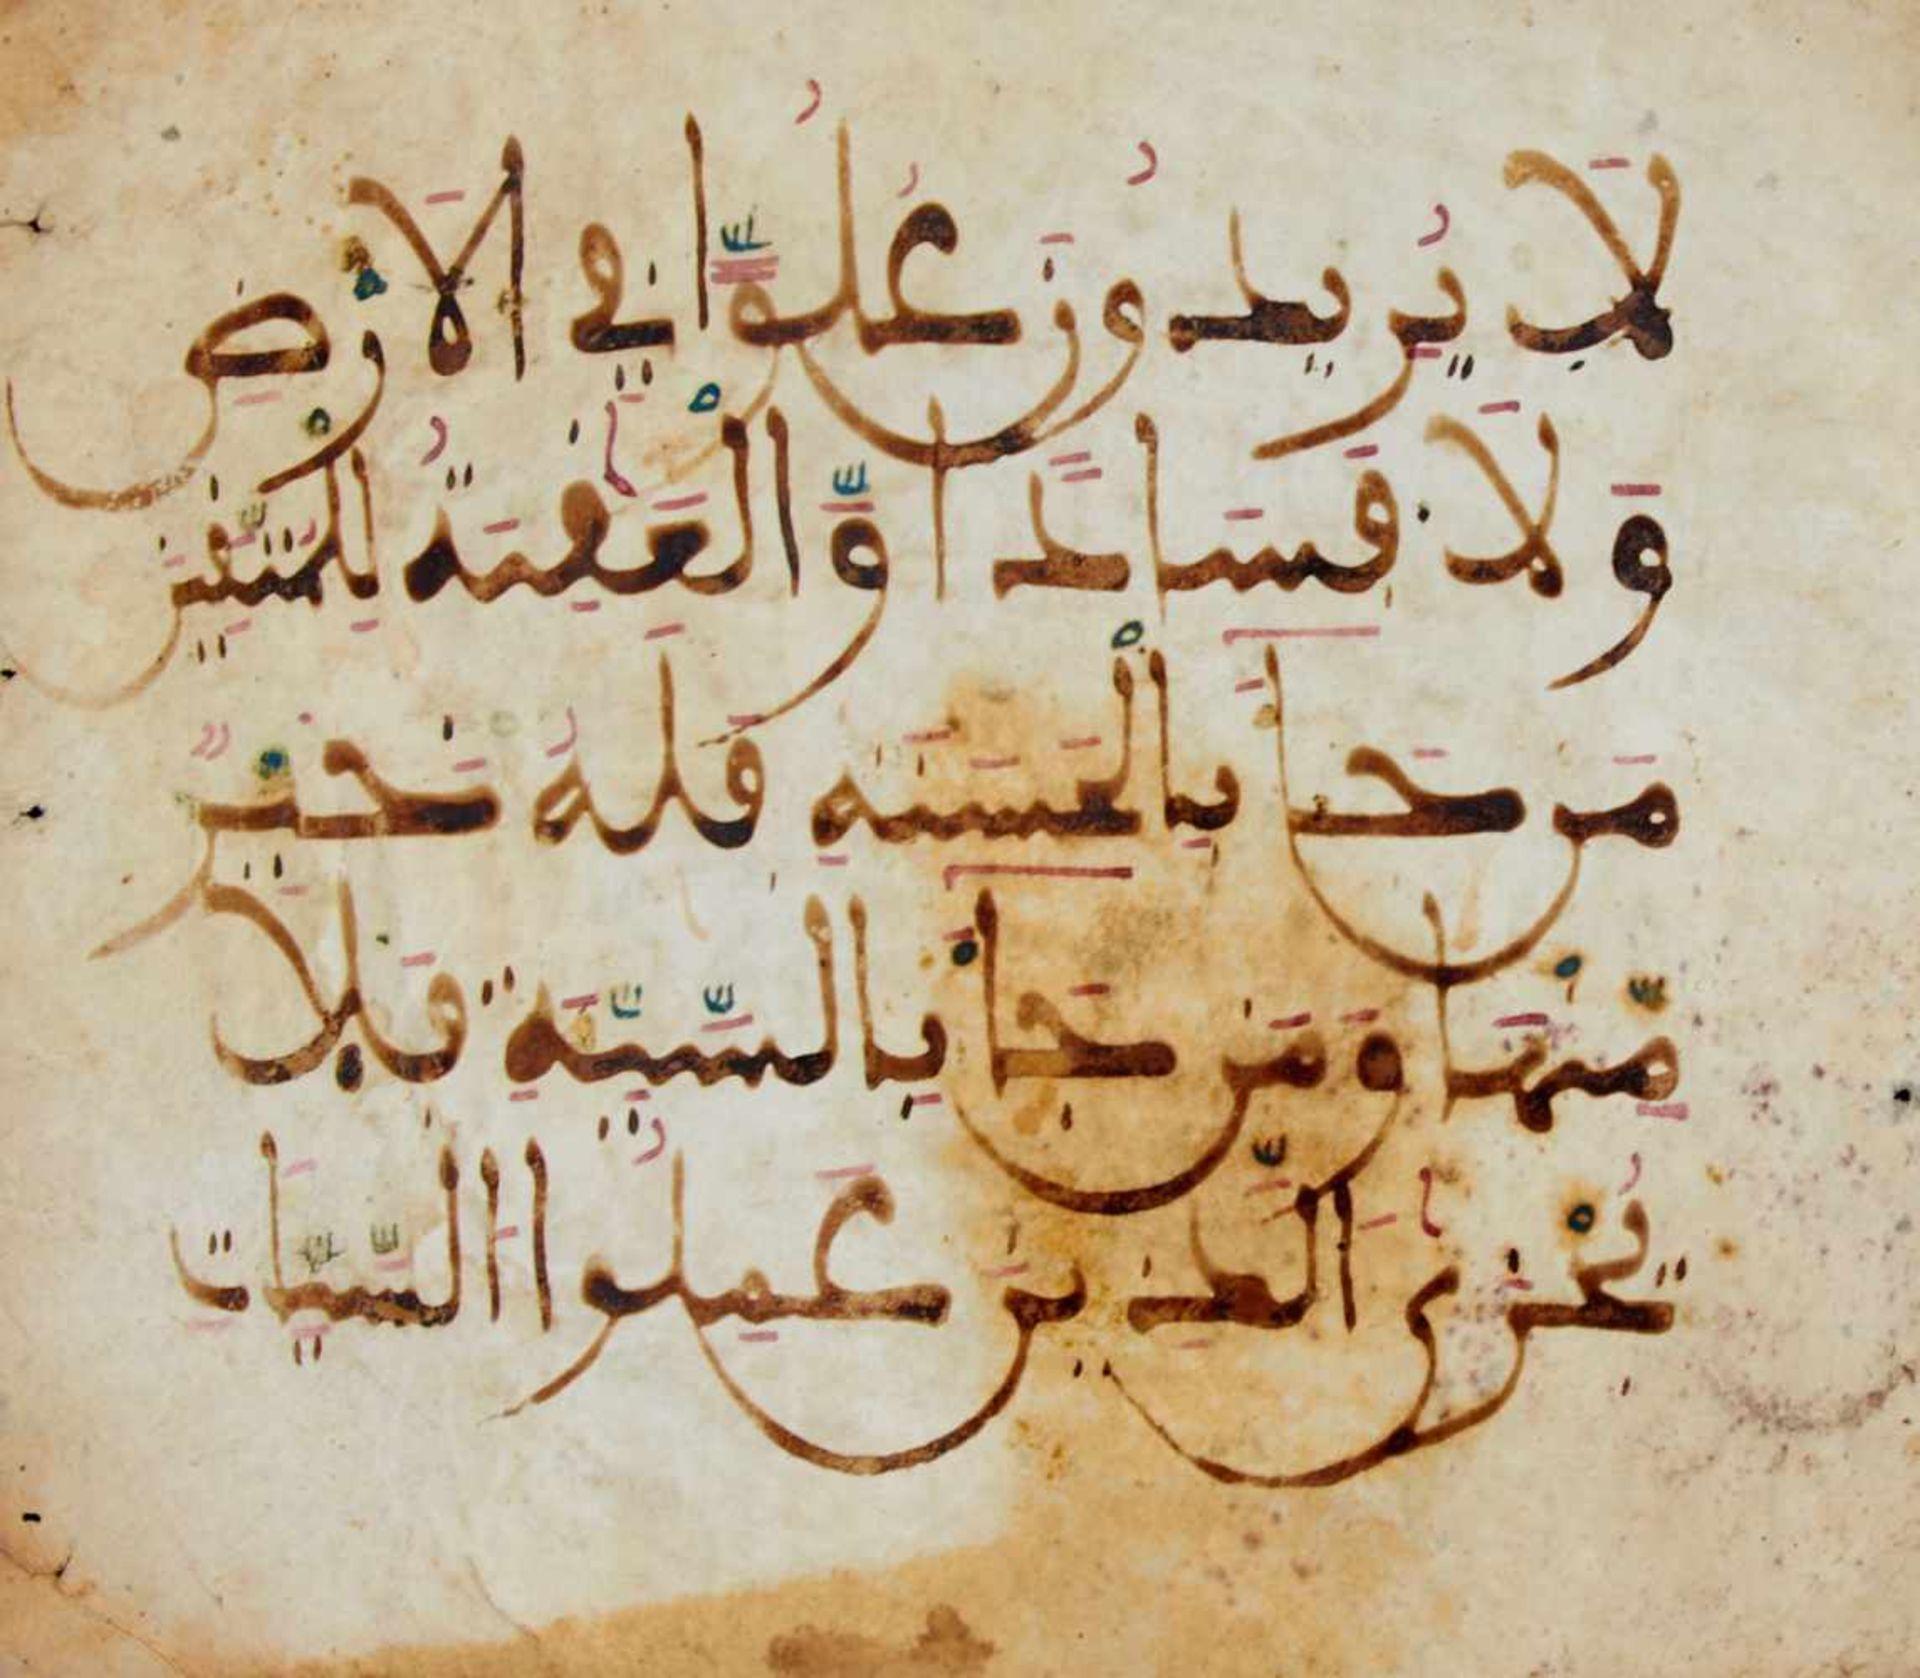 Koran - Zwei Blätter mit Texten aus dem Koranaus einer maghrebinischen Handschrift auf Pergament.